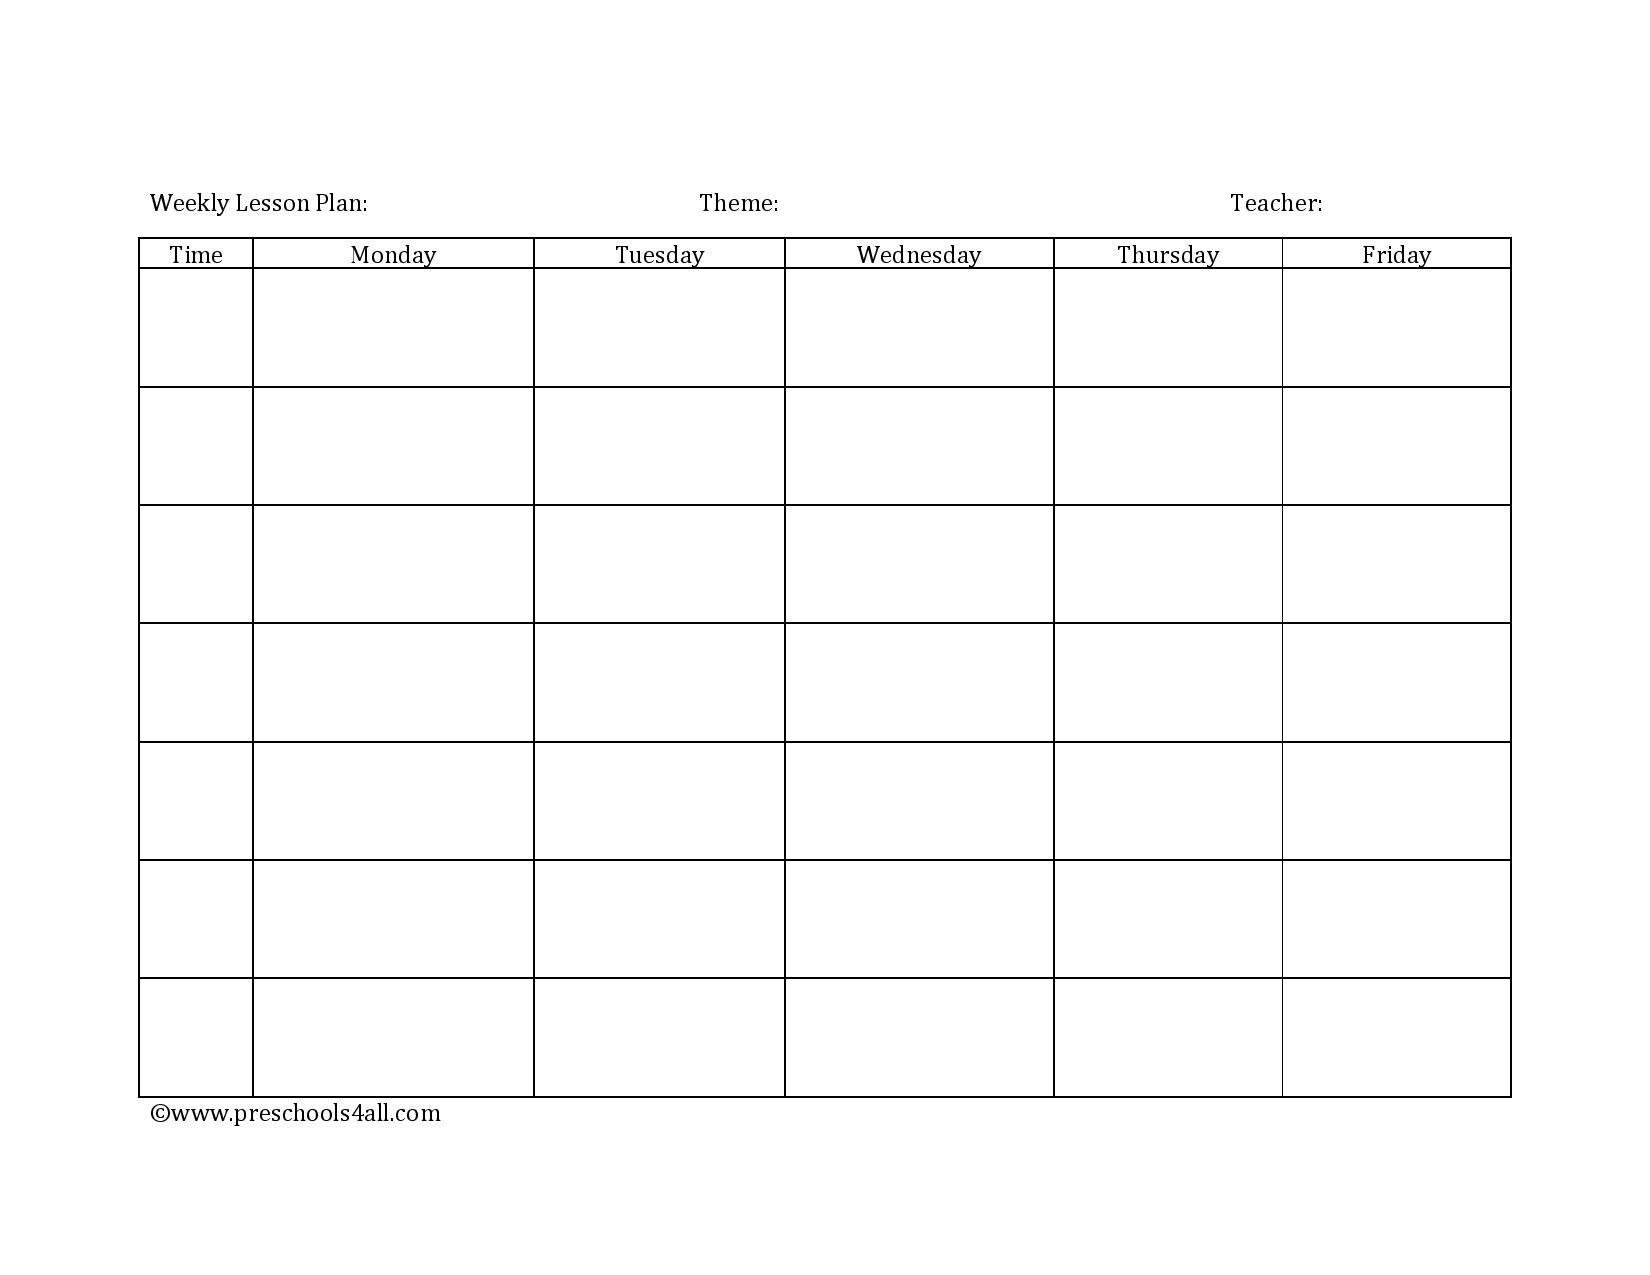 Preschool Lesson Plan Template Lesson Plan Book Template Within Blank Preschool Le Preschool Lesson Plan Template Lesson Plan Book Templates Lesson Plan Book Blank toddler lesson plan template